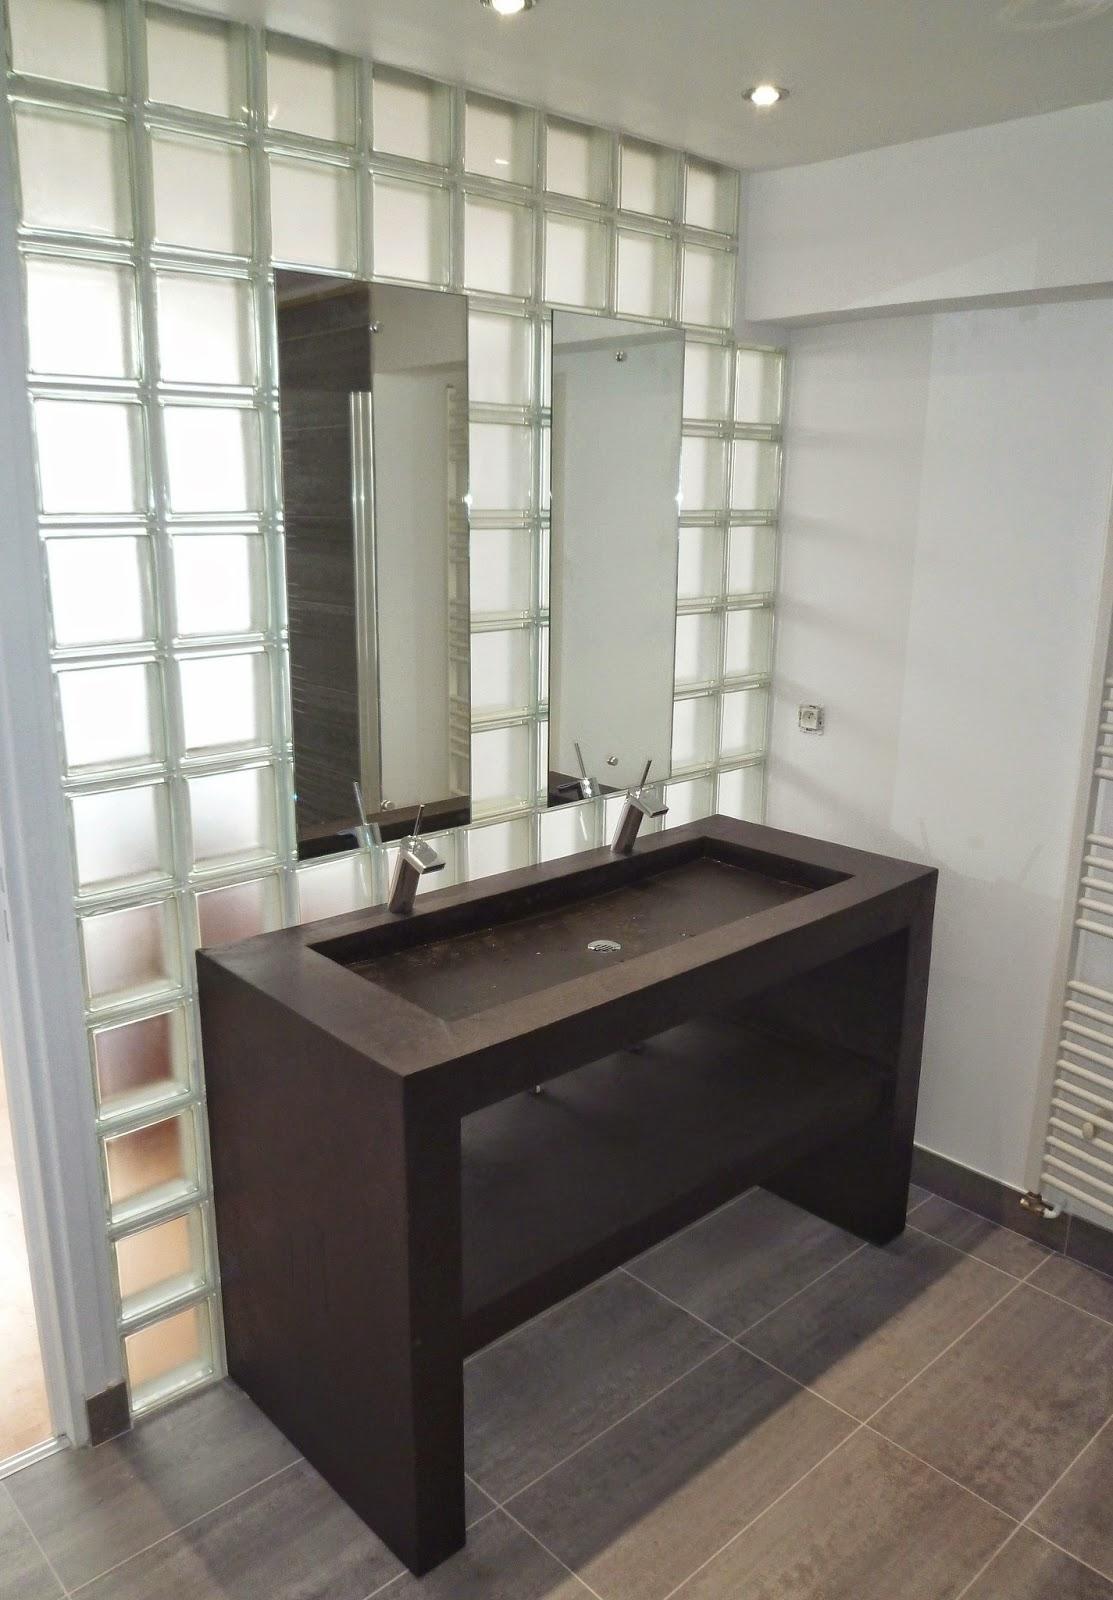 meuble salle de bain fait maison fabulous salle de bain d coration retro emilie parizot. Black Bedroom Furniture Sets. Home Design Ideas